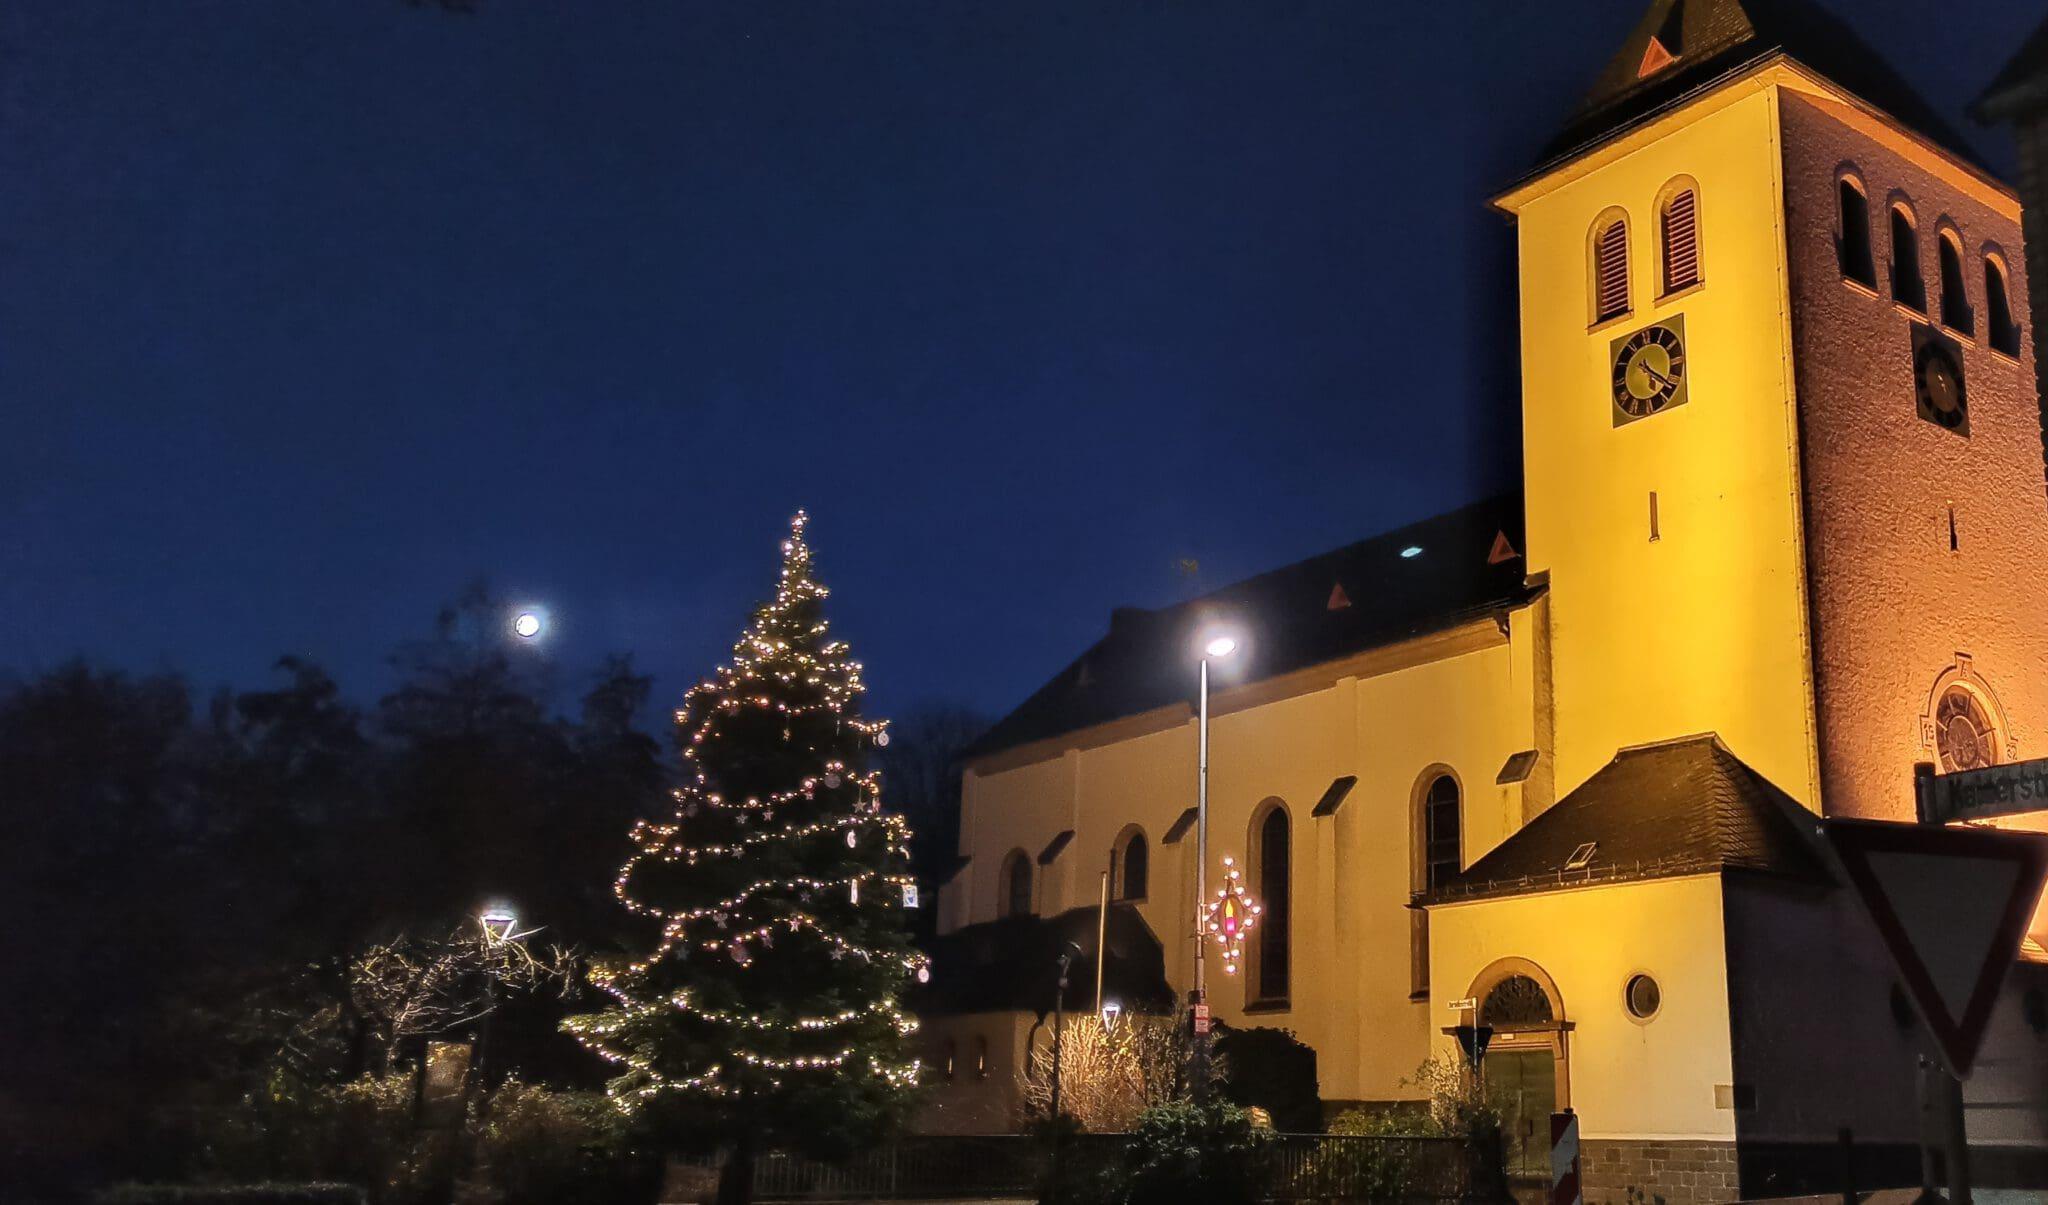 Einheit Gerlingen stellt Weihnachtsbaum in Dorfmitte auf